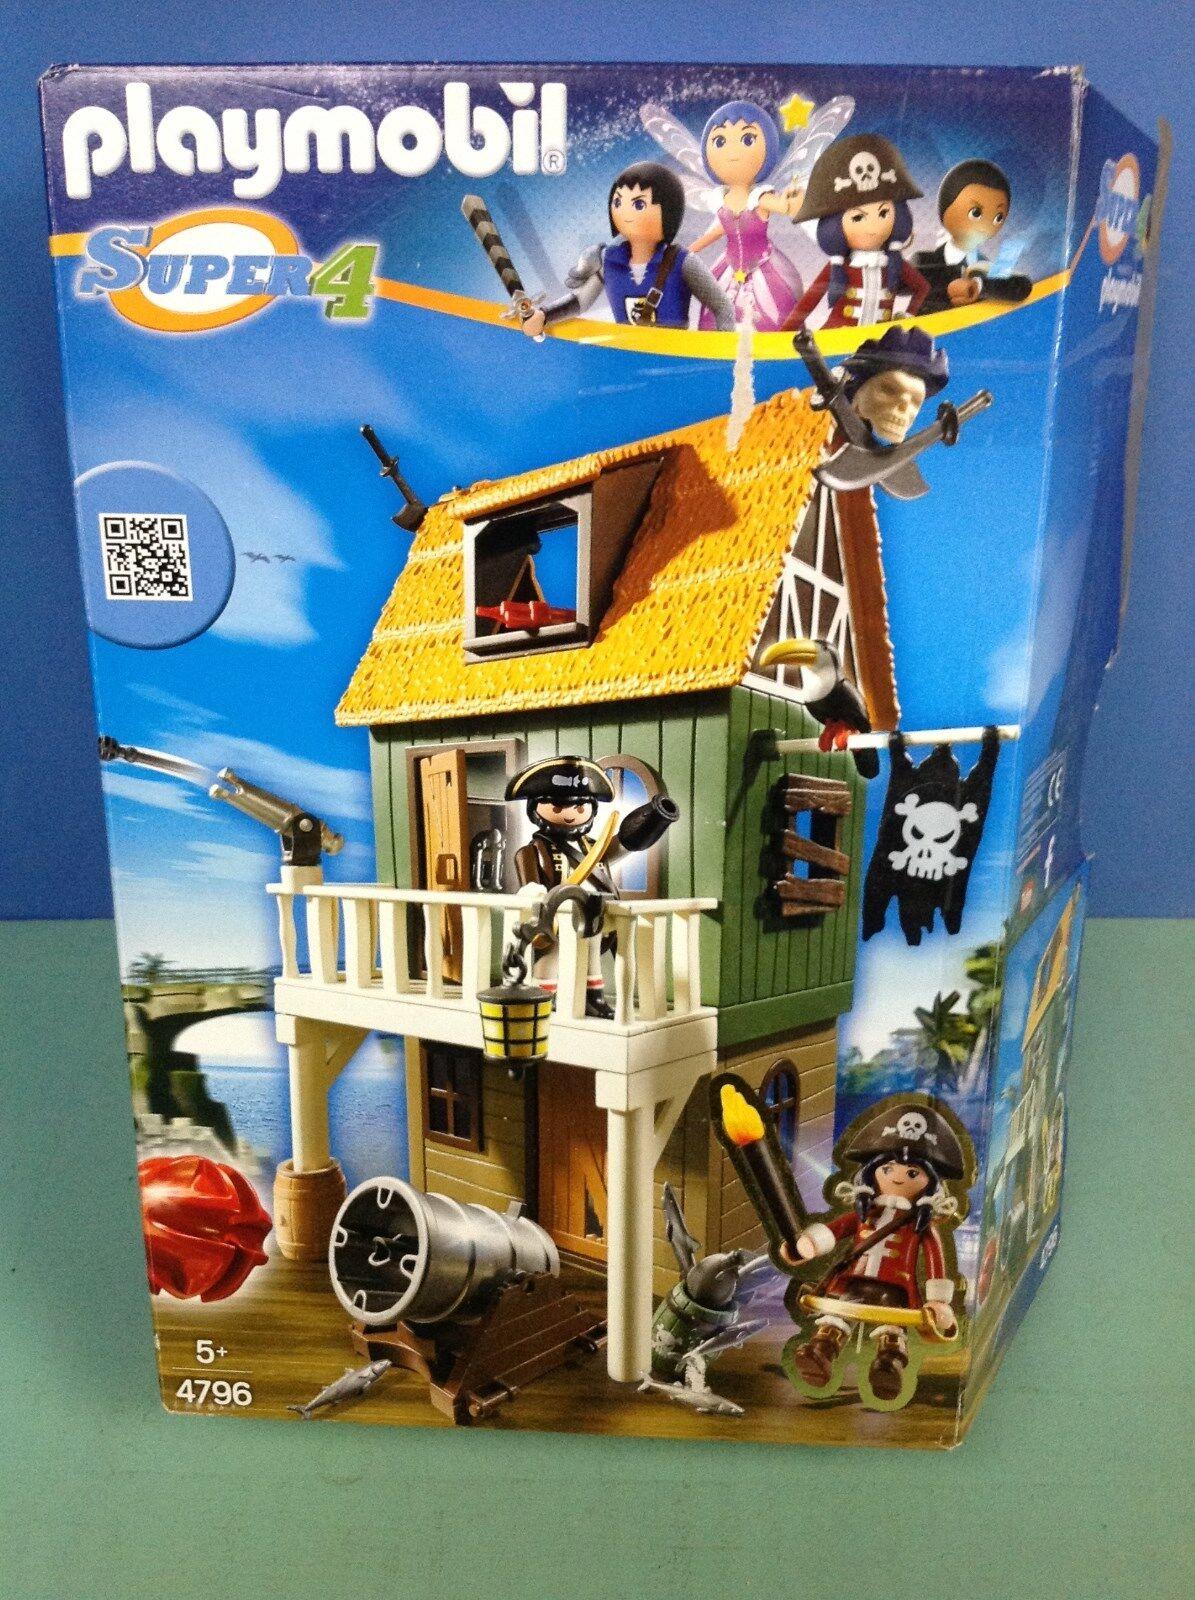 (O4796) playmobil Maison des pirates Super 4 ref 4796 6697 6688